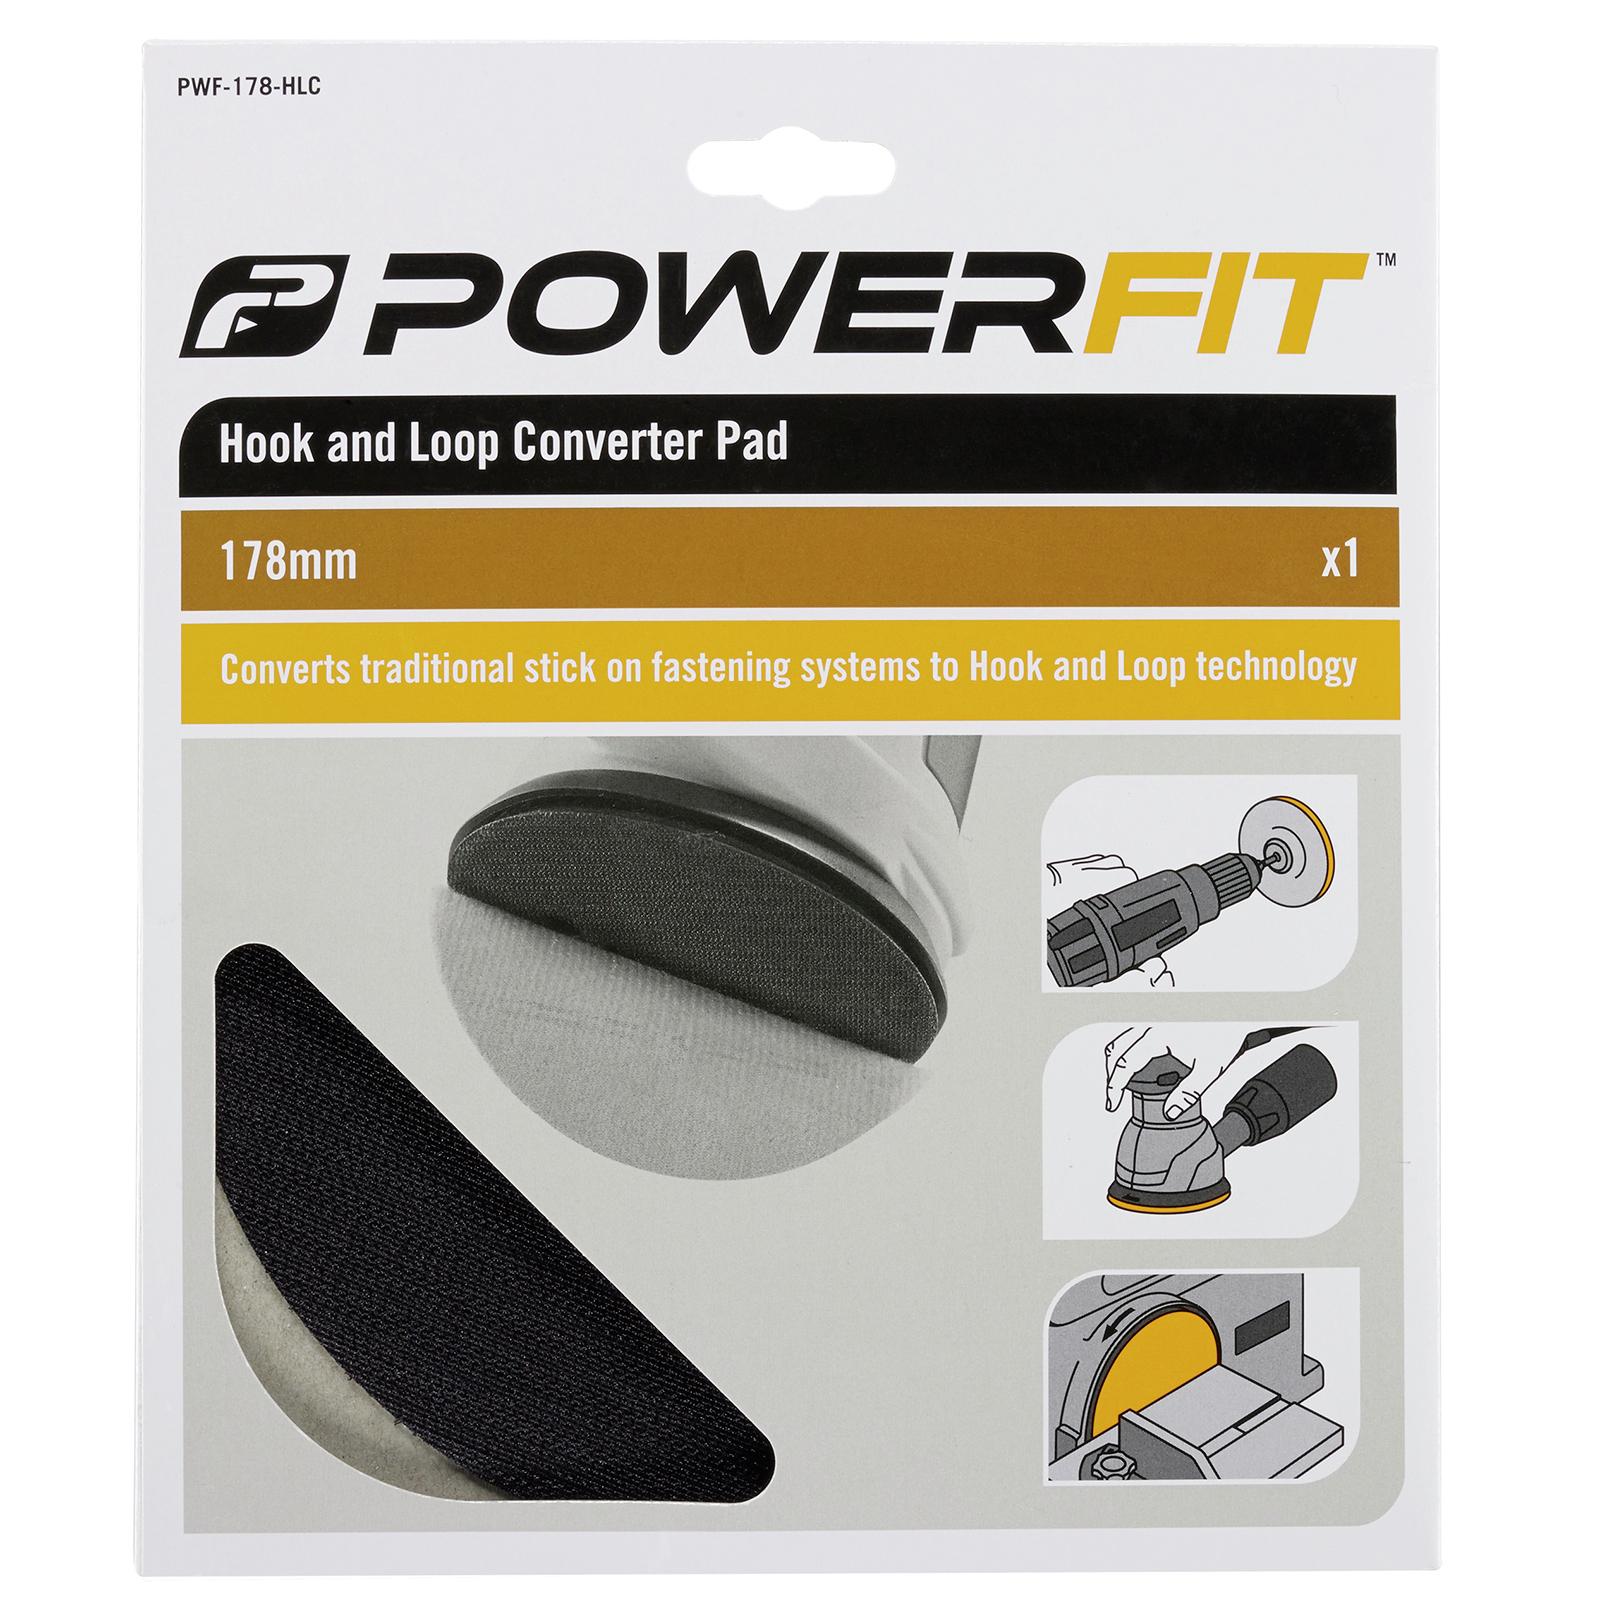 Powerfit 178mm Backing Pad Hook & Loop Converter